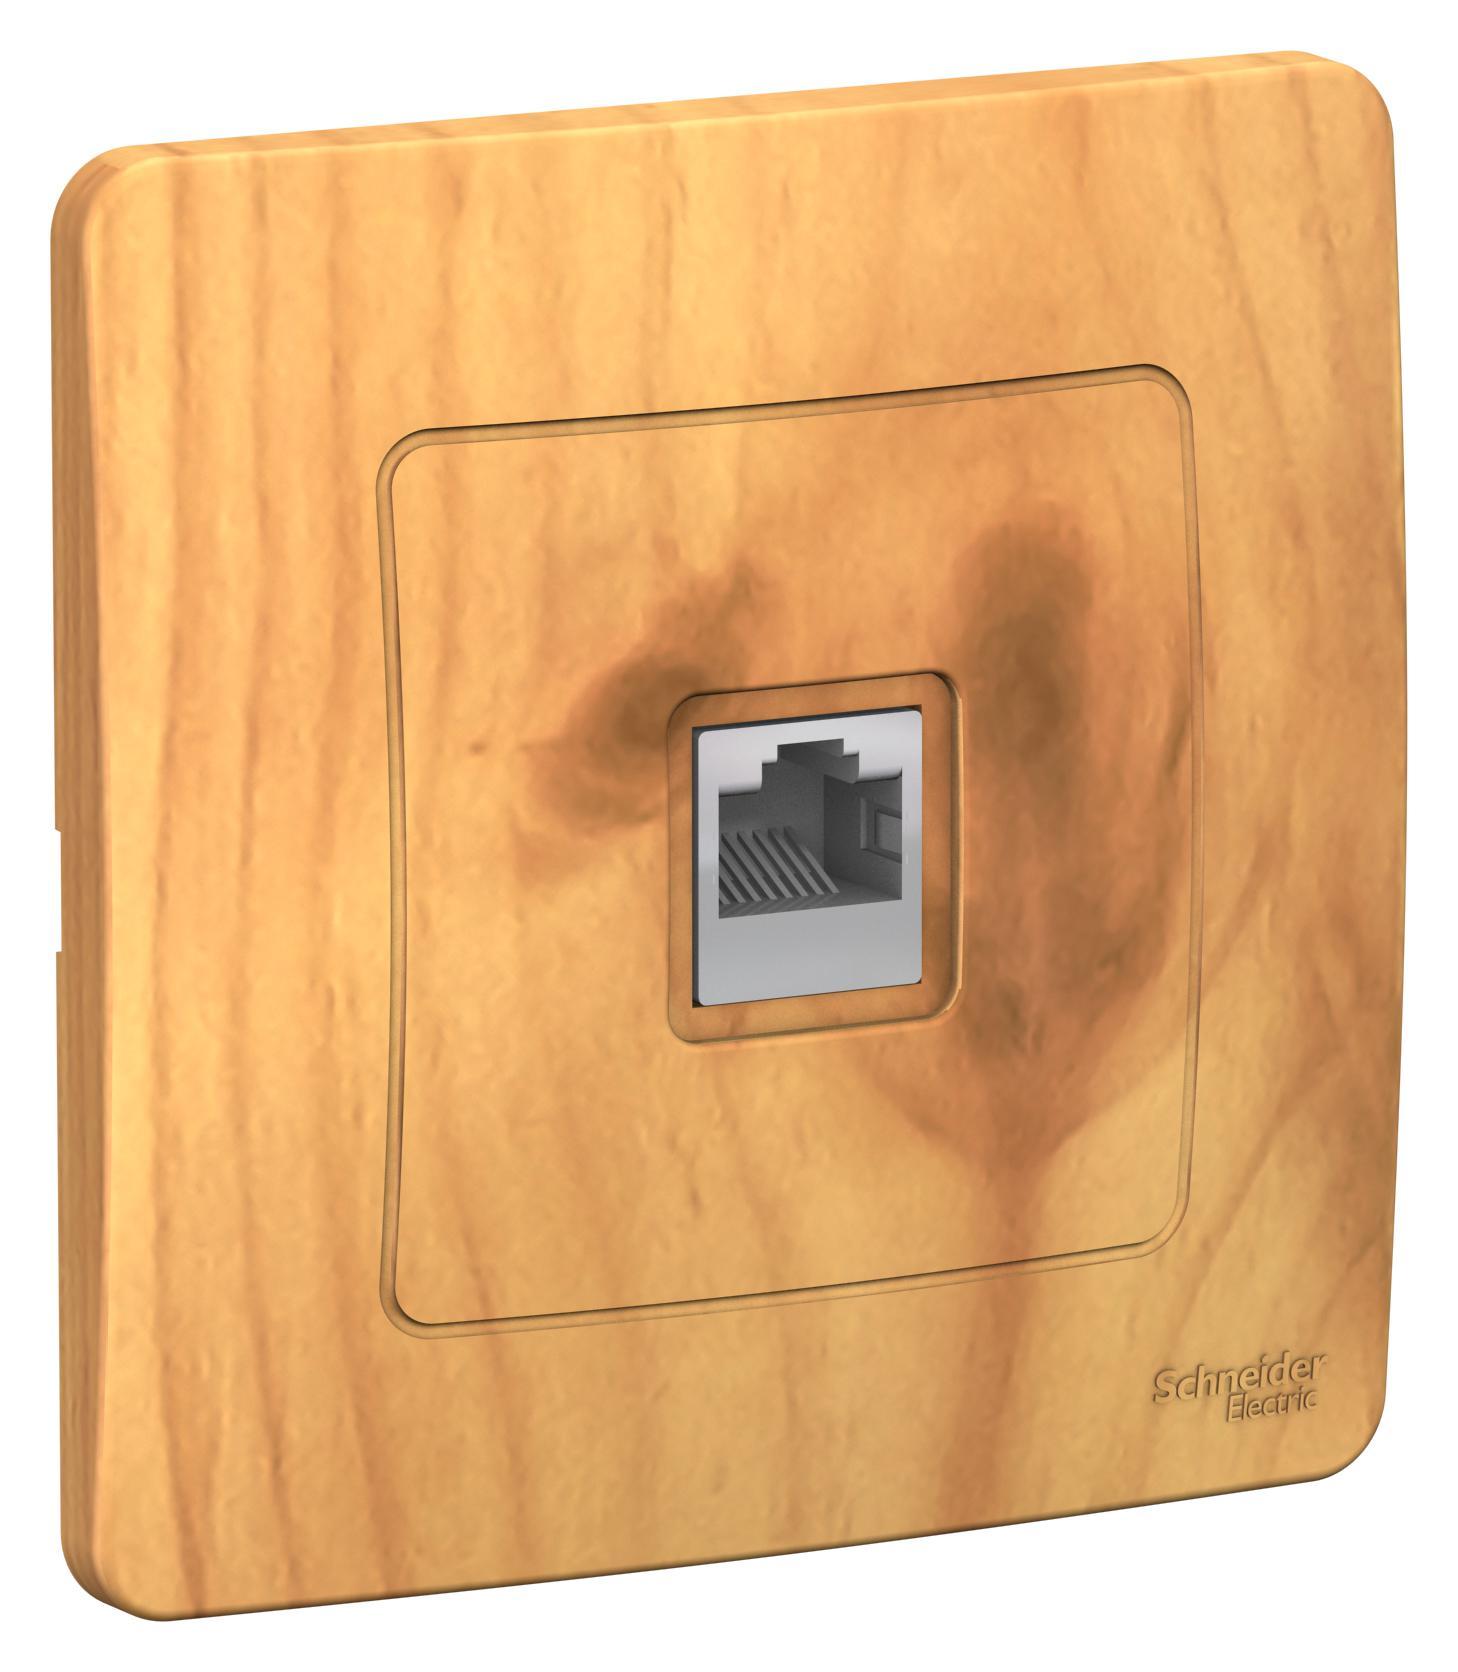 Купить Розетка Schneider electric Blnis045005 blanca